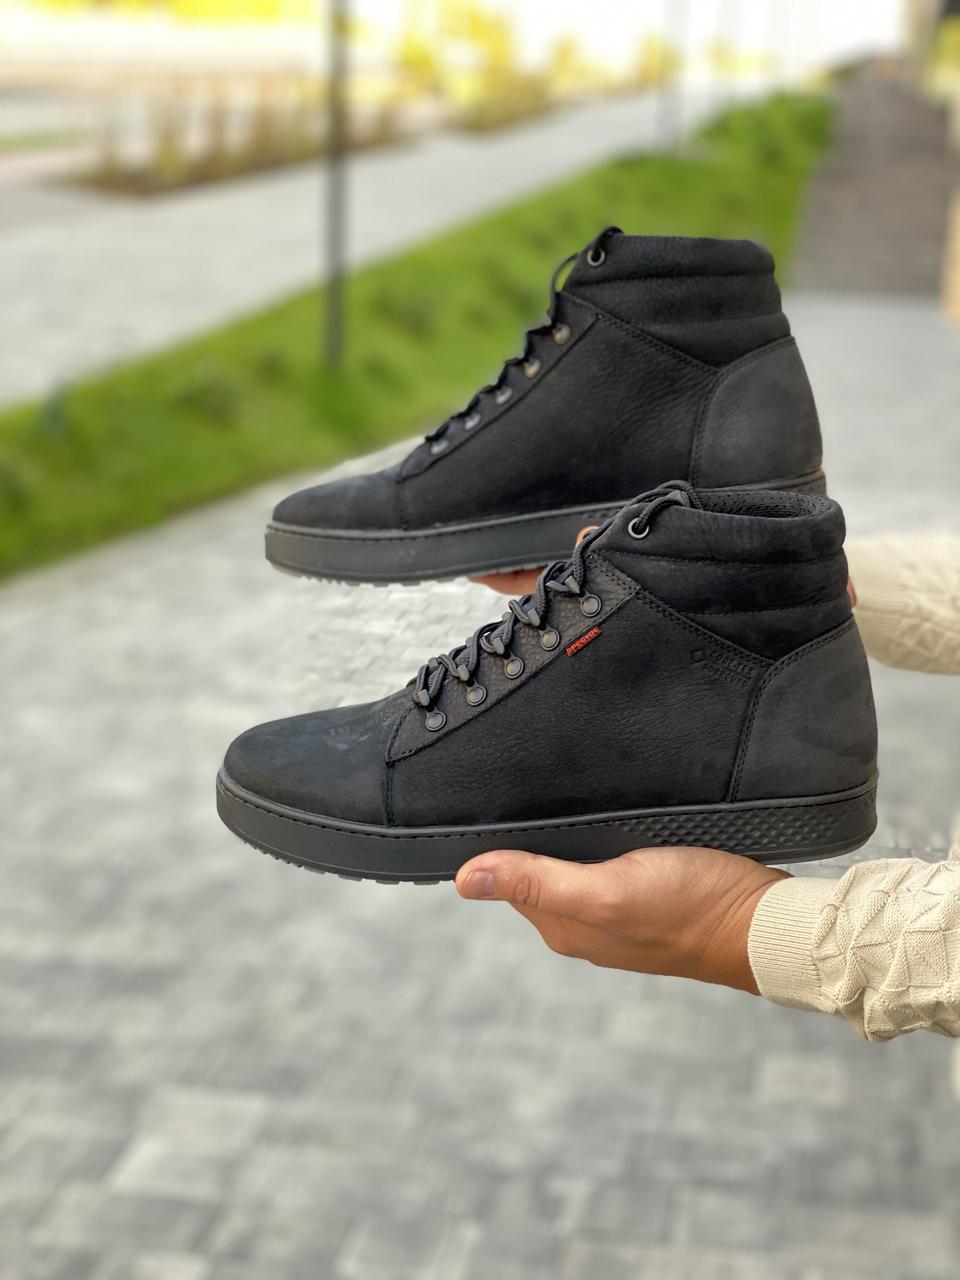 Чоловічі черевики шкіряні зимові чорні матові StepWey 7260